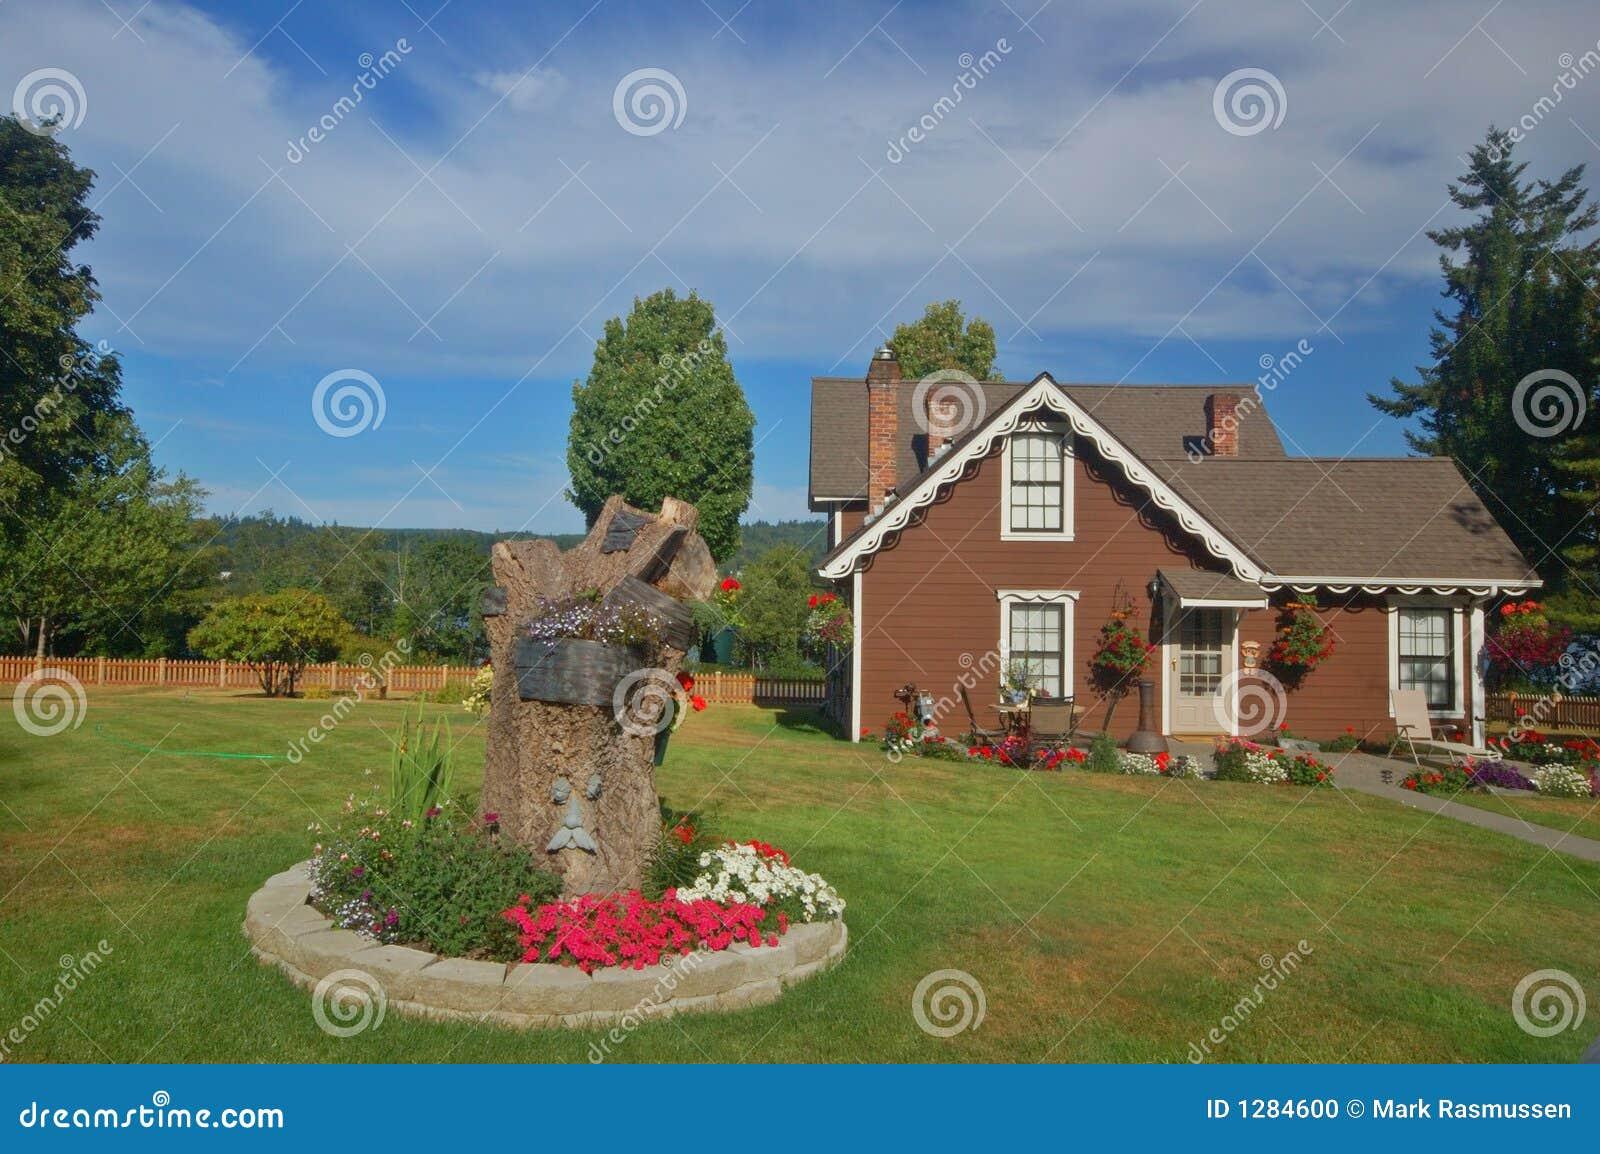 дом селитебная